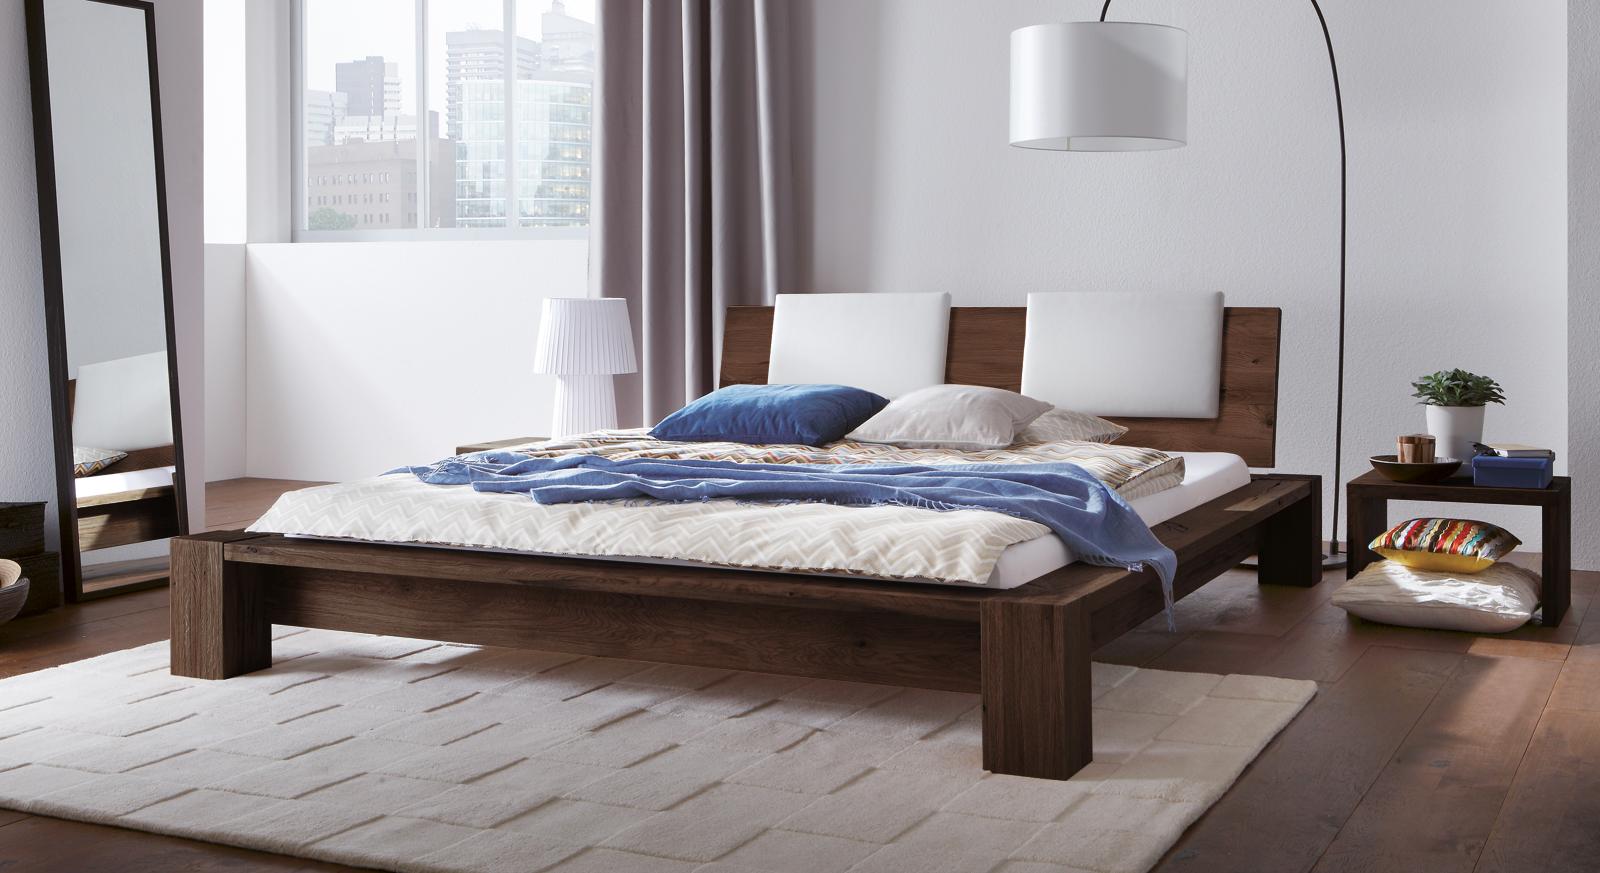 bett echtholz finest designer betten aus holz kunstvolle industrial style mbel und regale meine. Black Bedroom Furniture Sets. Home Design Ideas